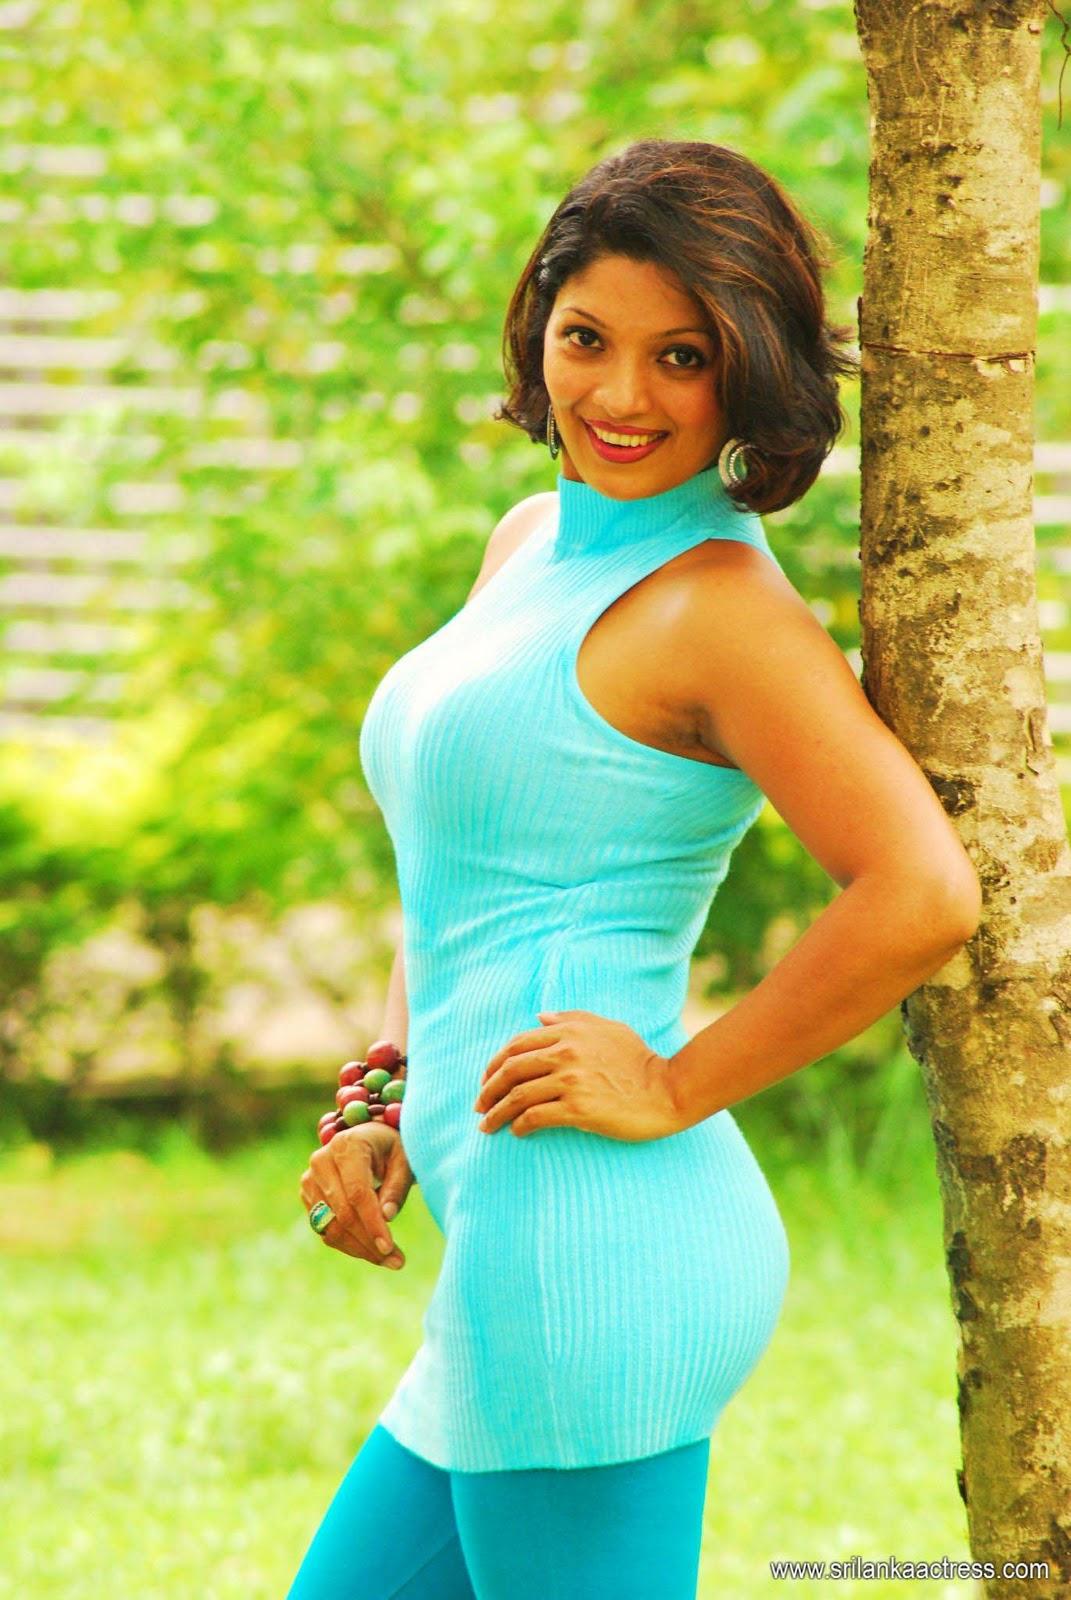 Sri lankan girls in black bra pics-Xxx pictures